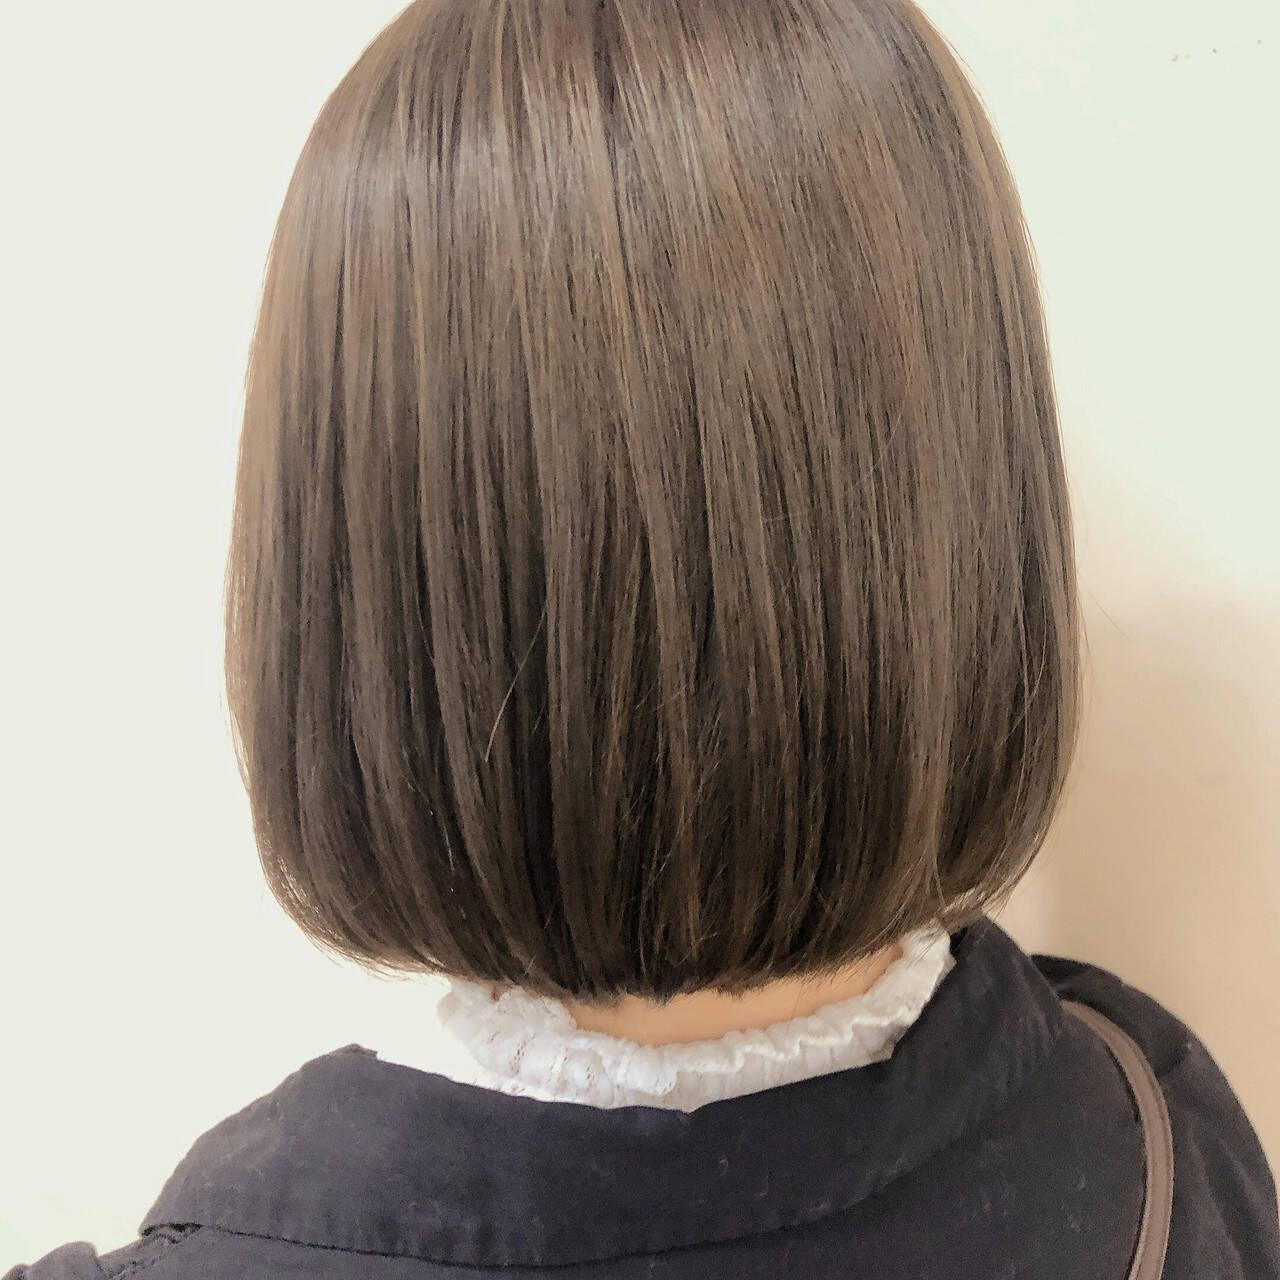 グレージュ ミルクティー ミルクティーベージュ ボブヘアスタイルや髪型の写真・画像